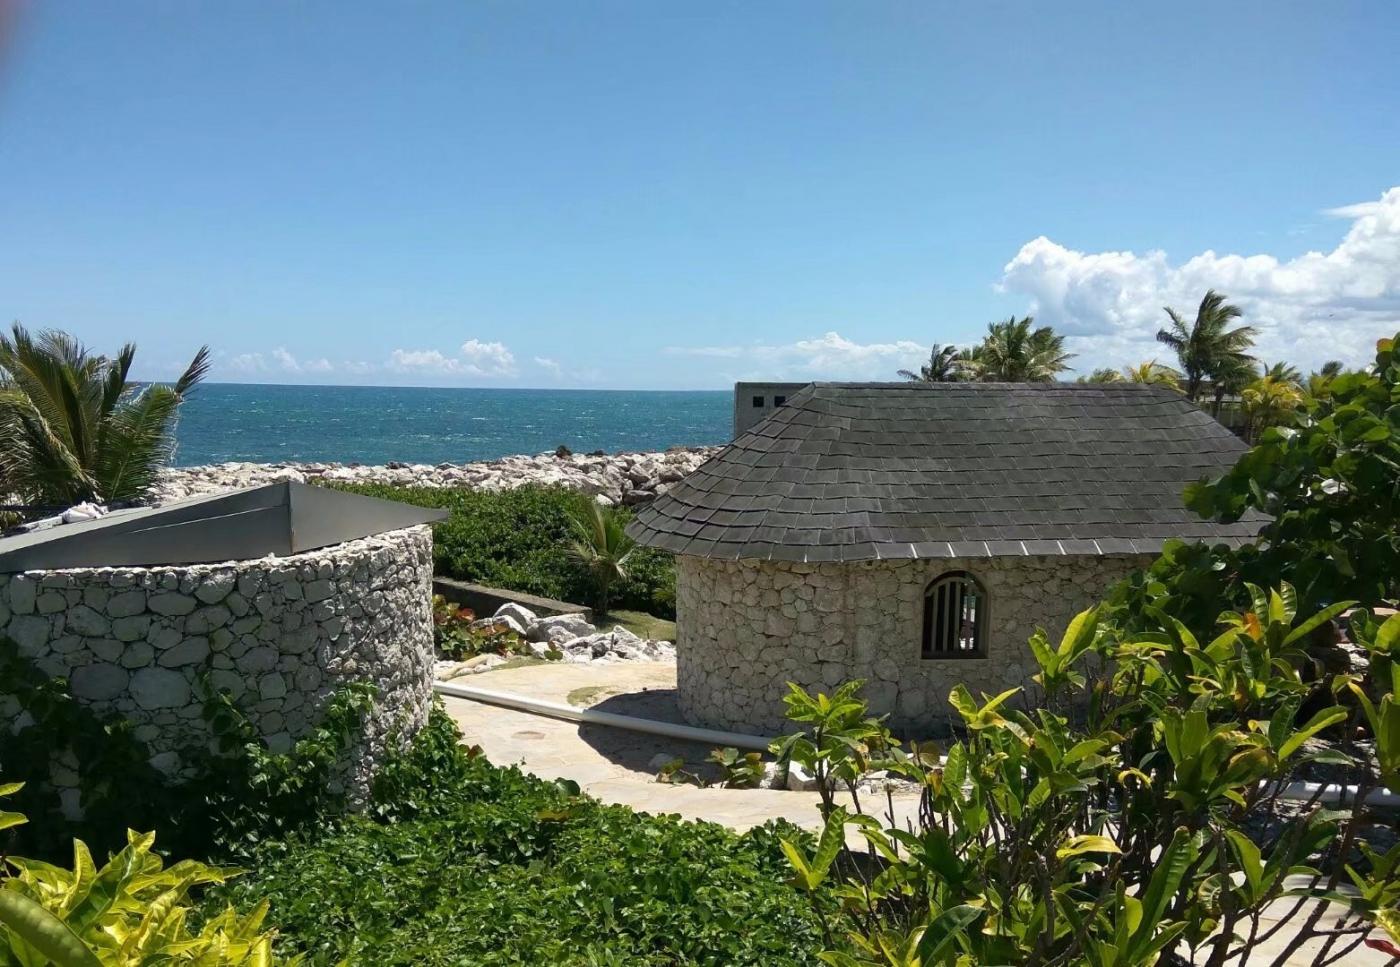 多米尼加有个琥珀湾(图)_图1-19